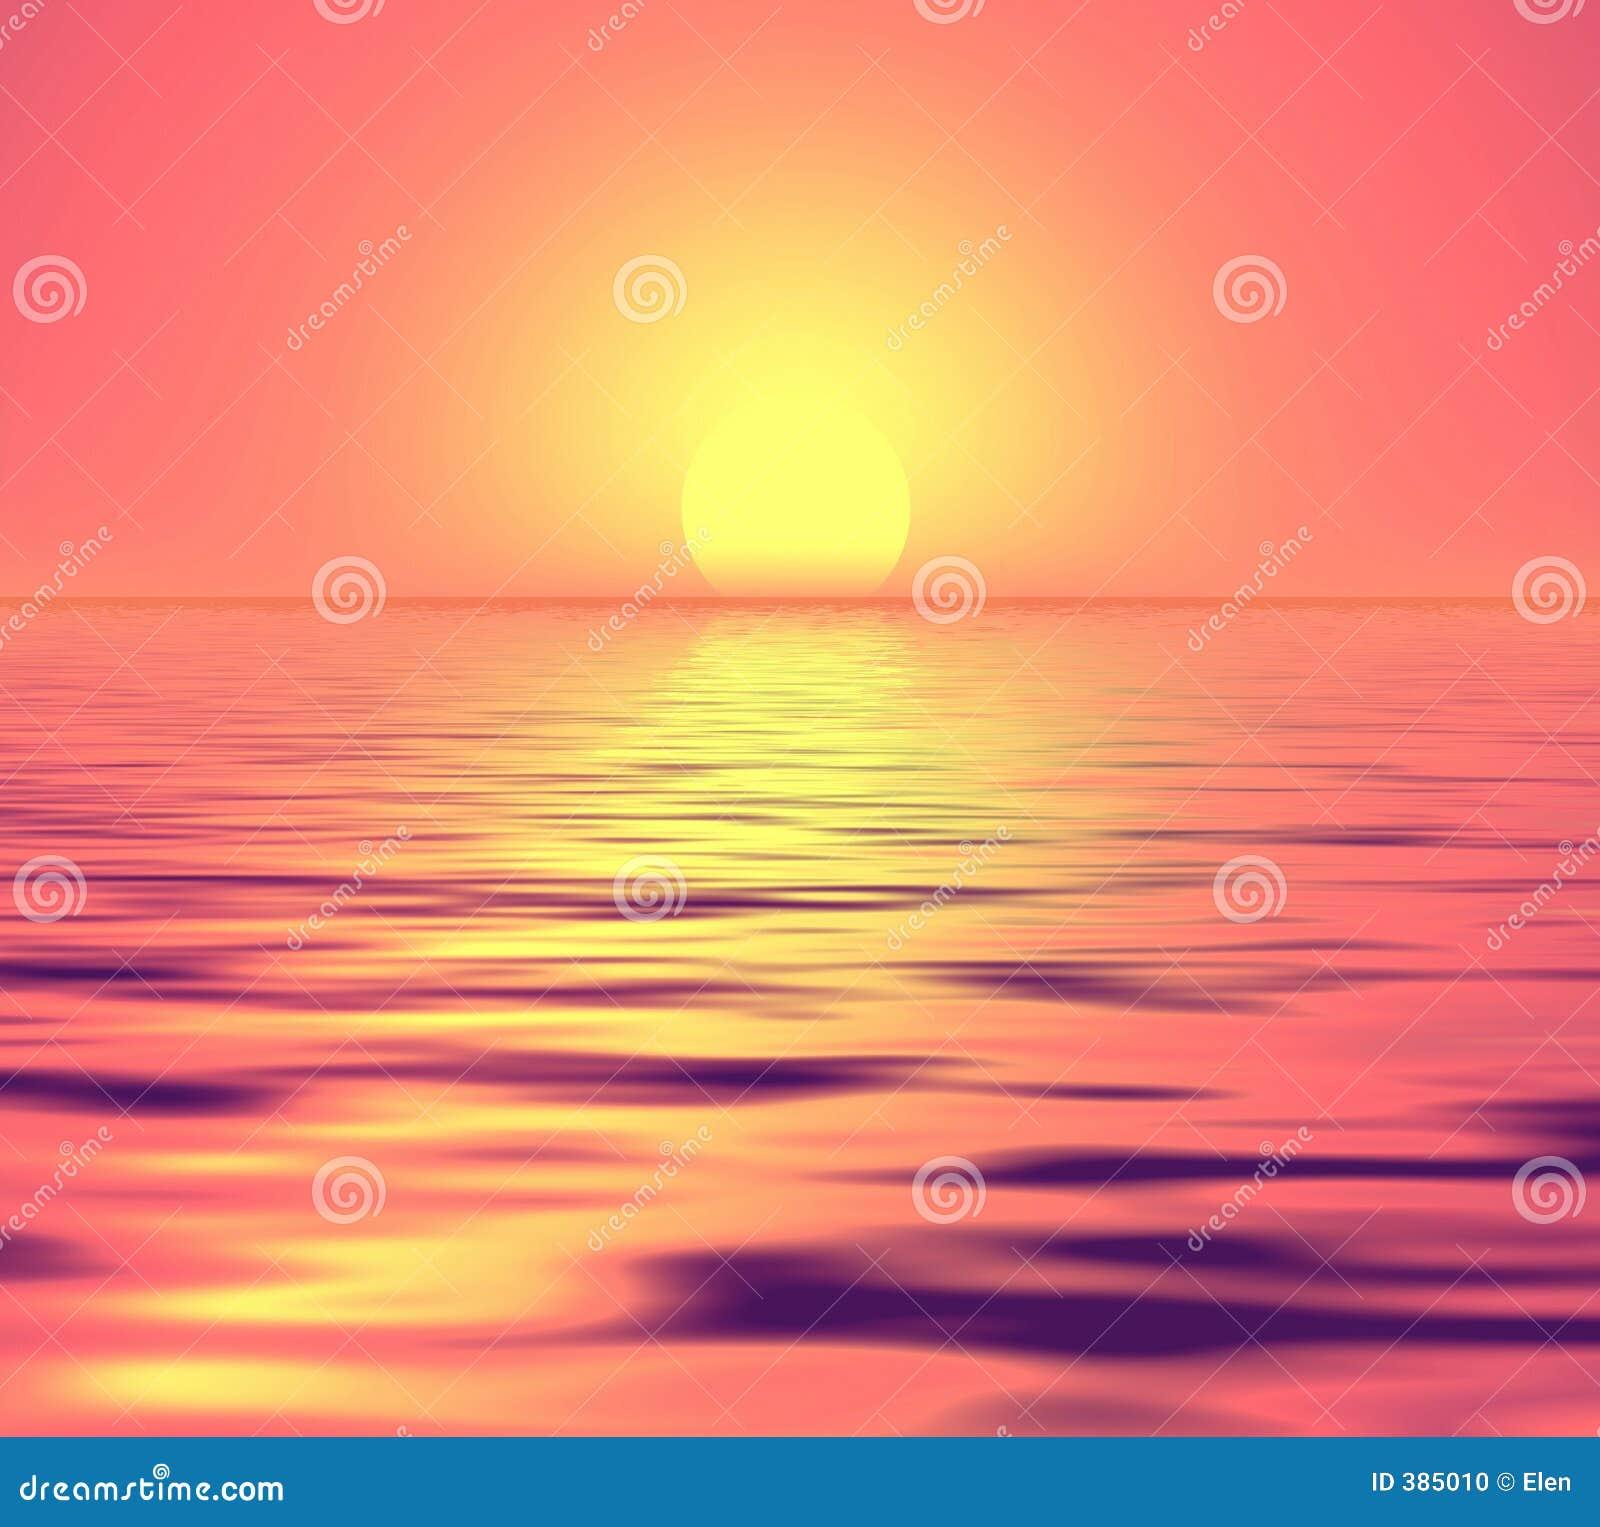 Coucher du soleil doucement rose.